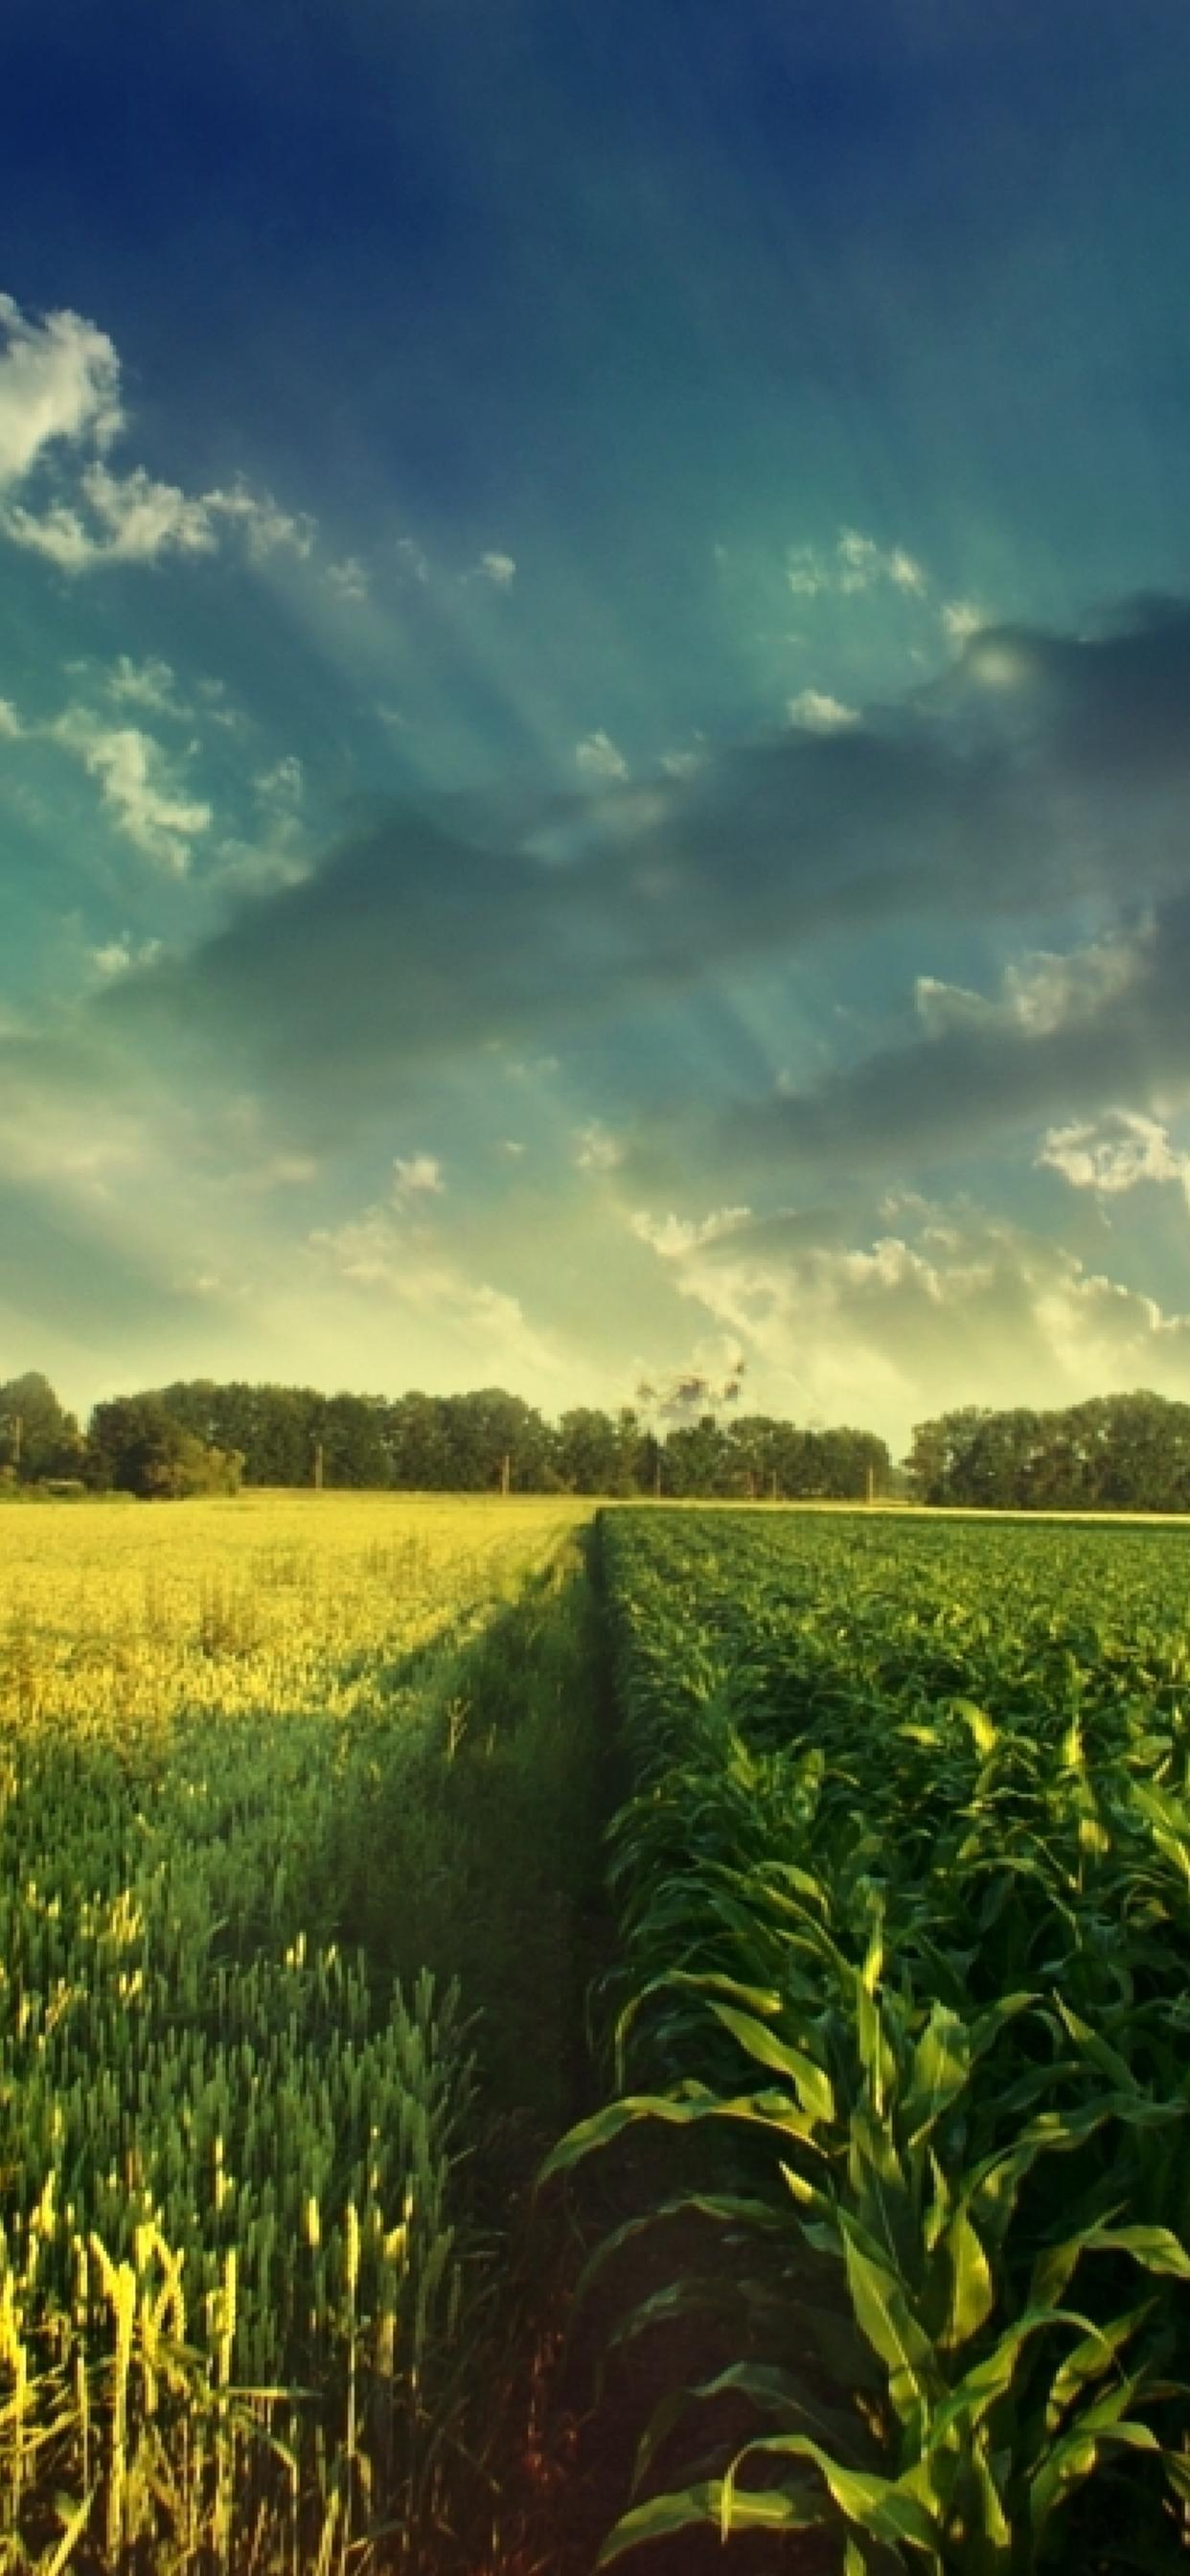 Wheat And Corn Field Wonderful Nature Wallpaper